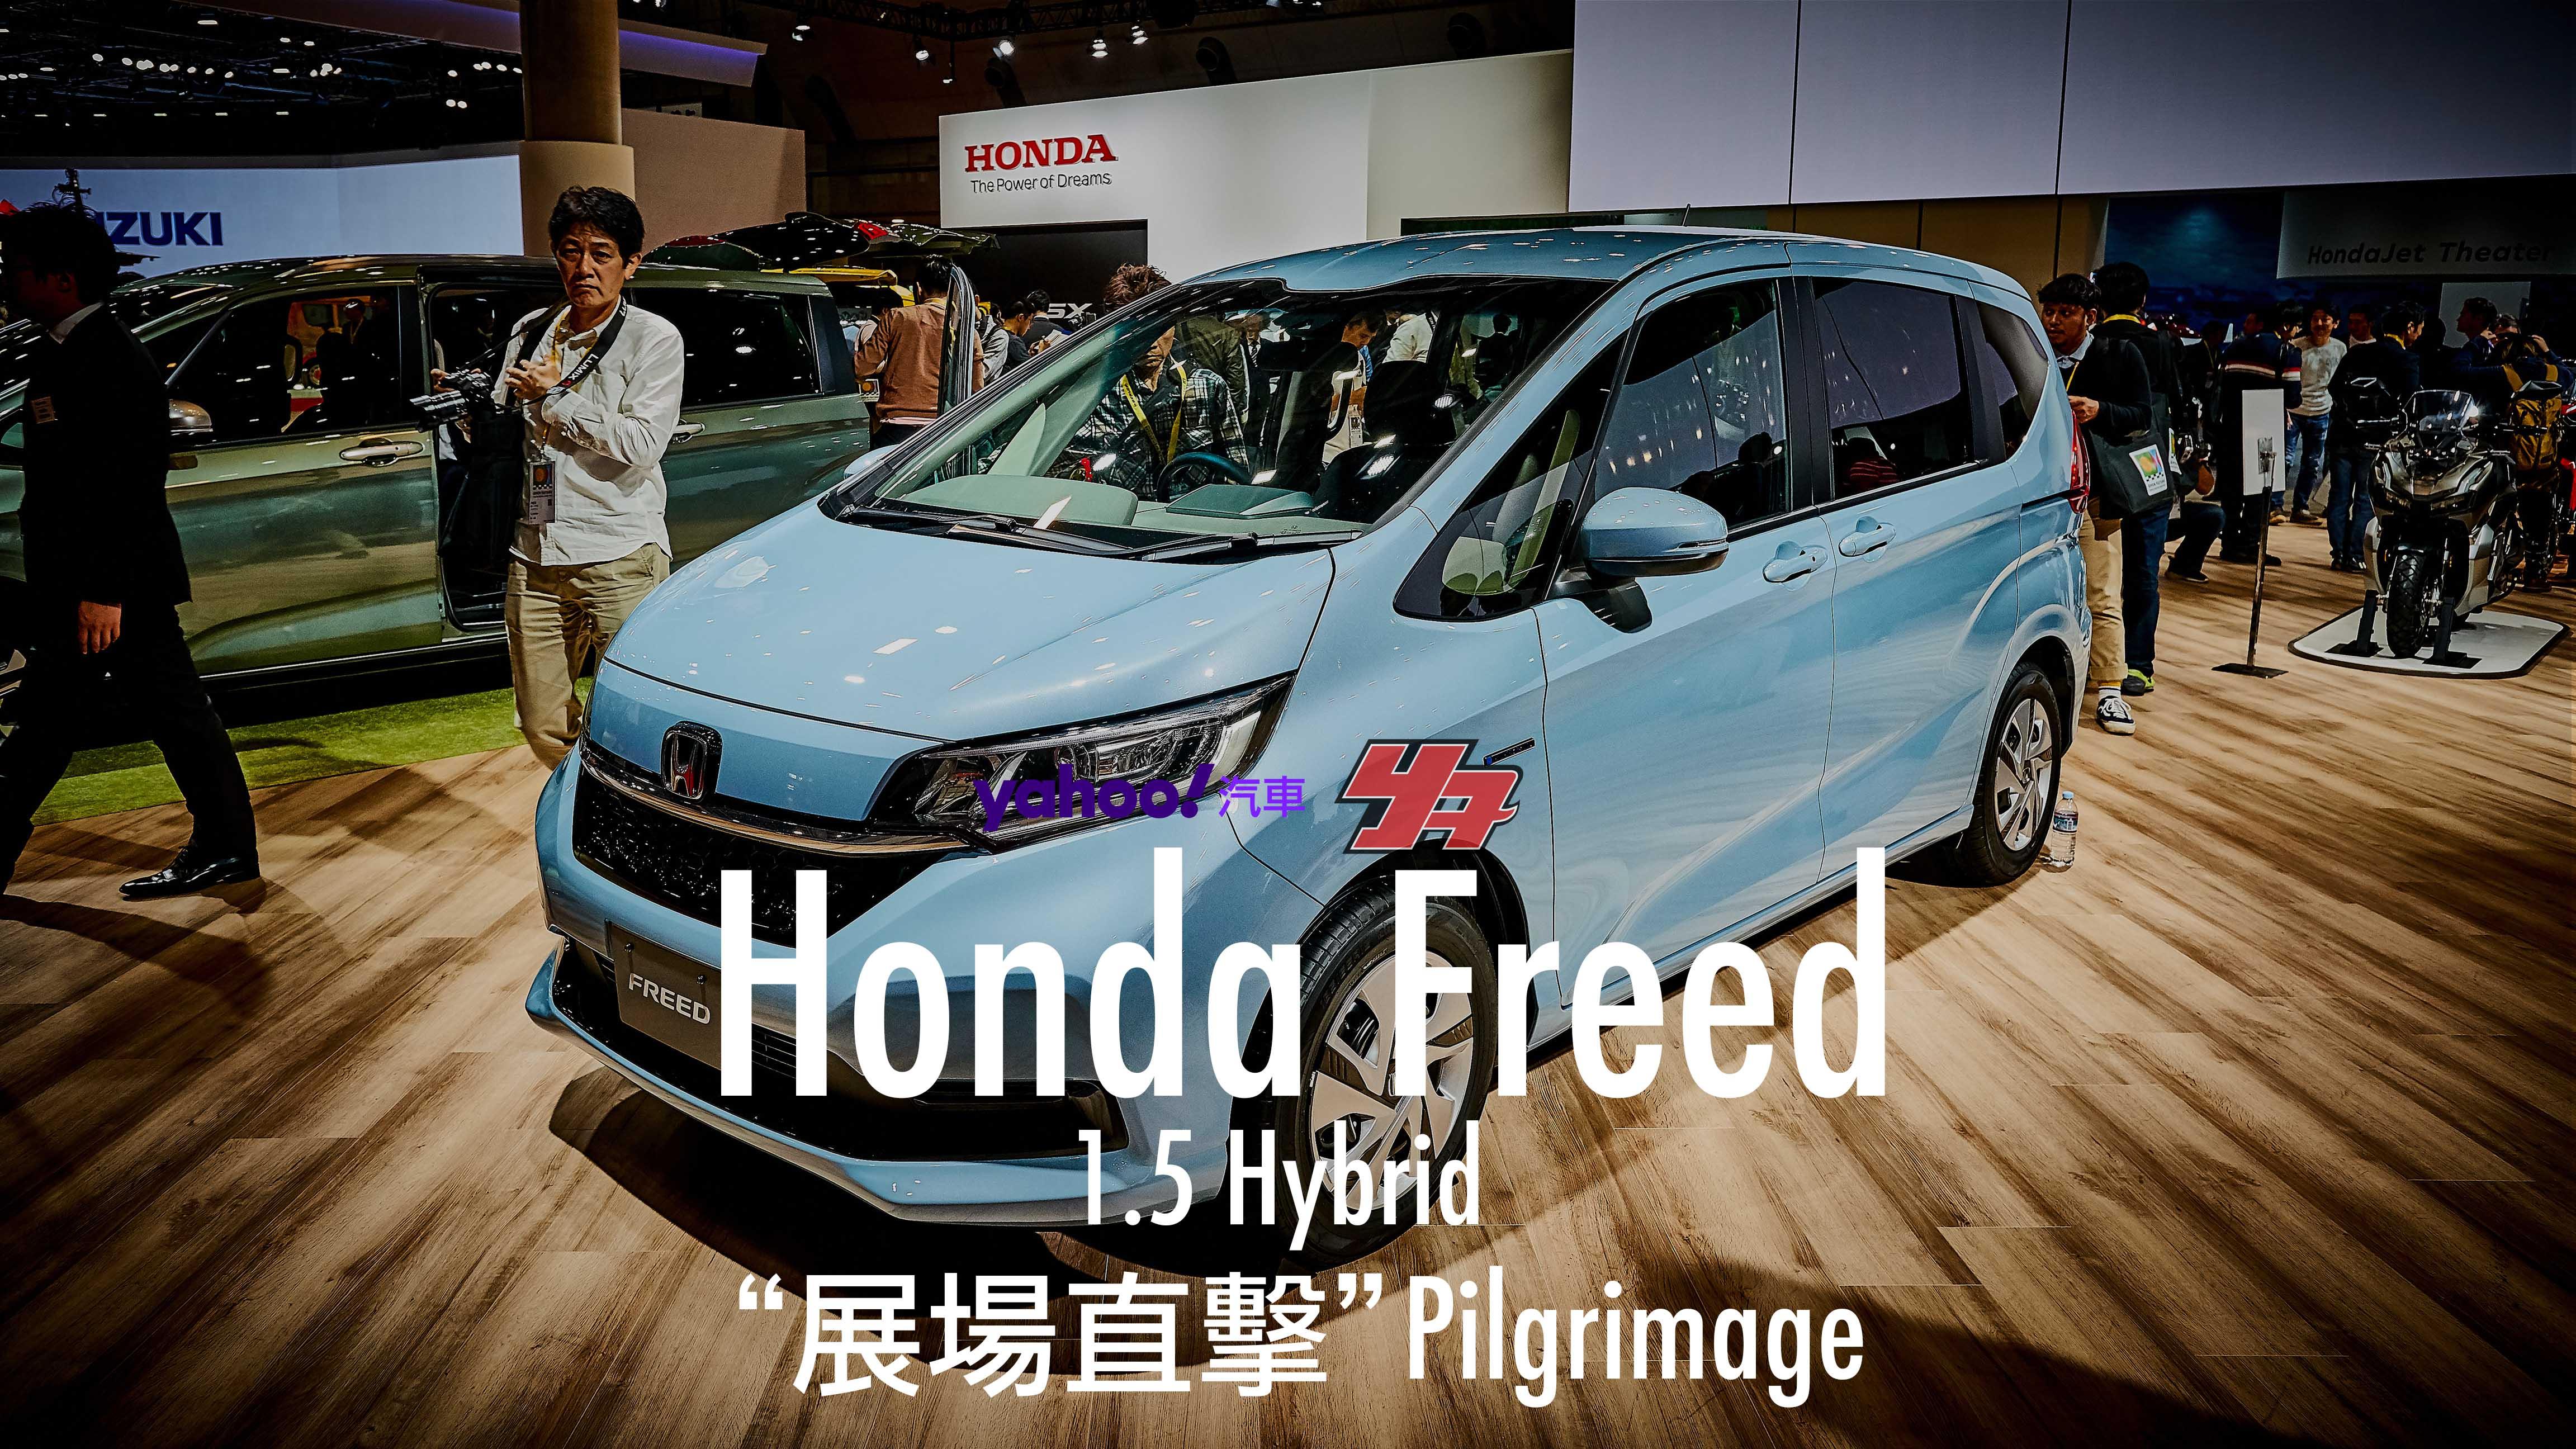 【東京車展直擊】Fit式外貌同步上身!Sienta日規正宗對手Honda Freed小改款與Crosstar擺明裝可愛